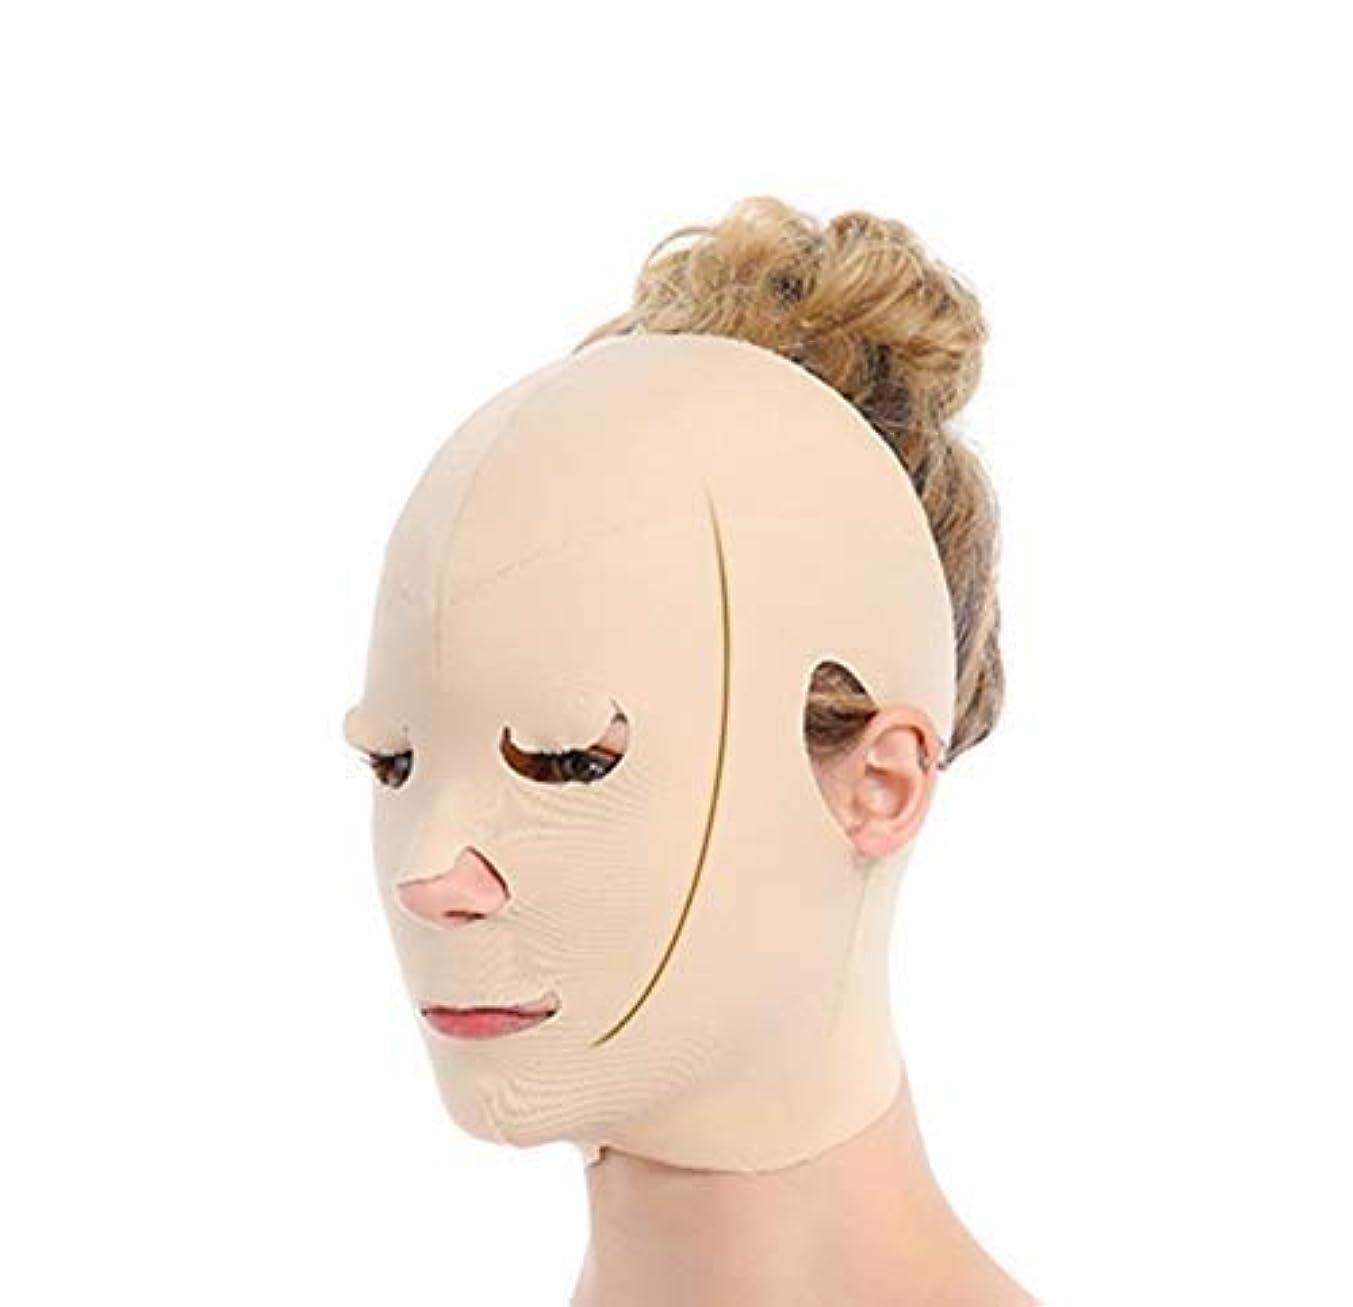 かんがい早める放射能小さな顔ツールV顔包帯薄い顔美容マスク怠Faceな睡眠マスク男性と女性V顔包帯整形リフティング引き締め顔薄い二重あご